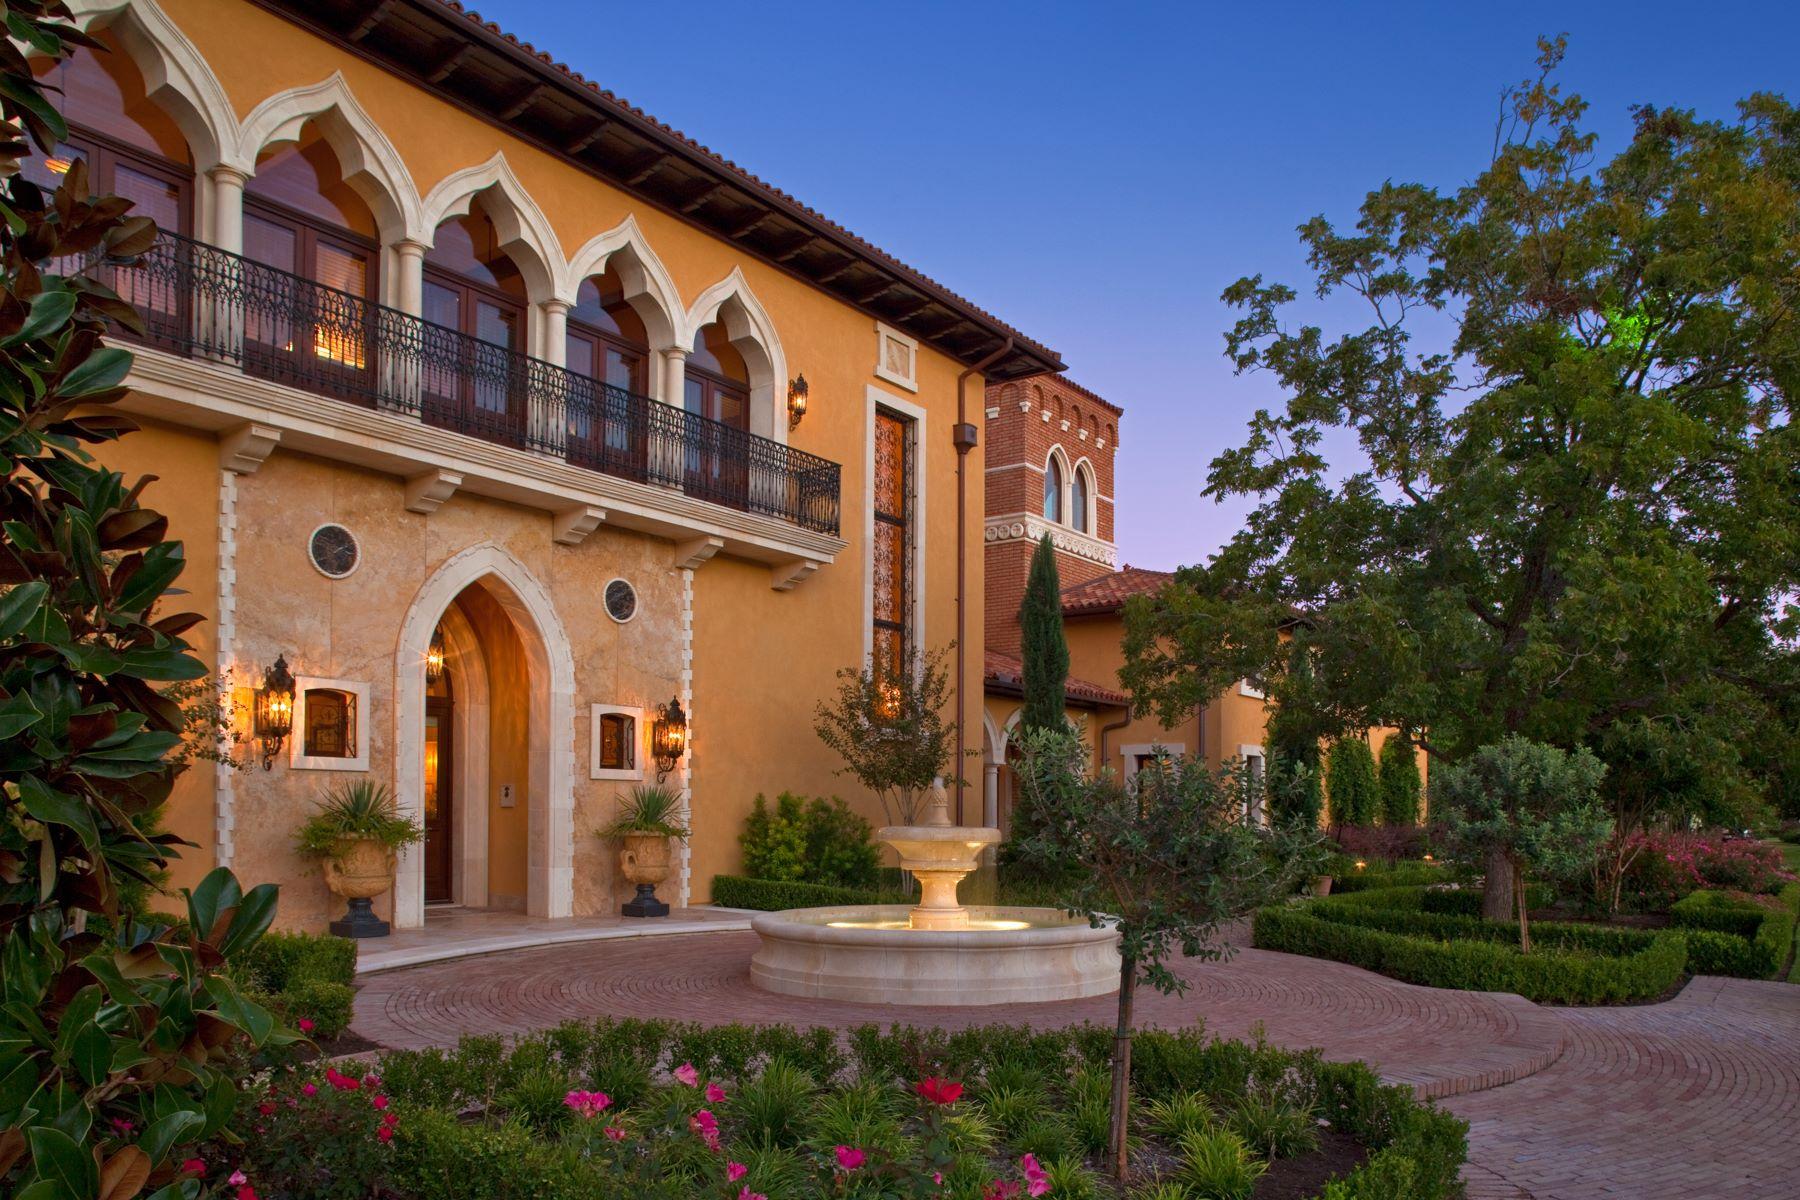 Частный односемейный дом для того Продажа на 4501 Island Cv, Austin Austin, Техас, 78731 Соединенные Штаты